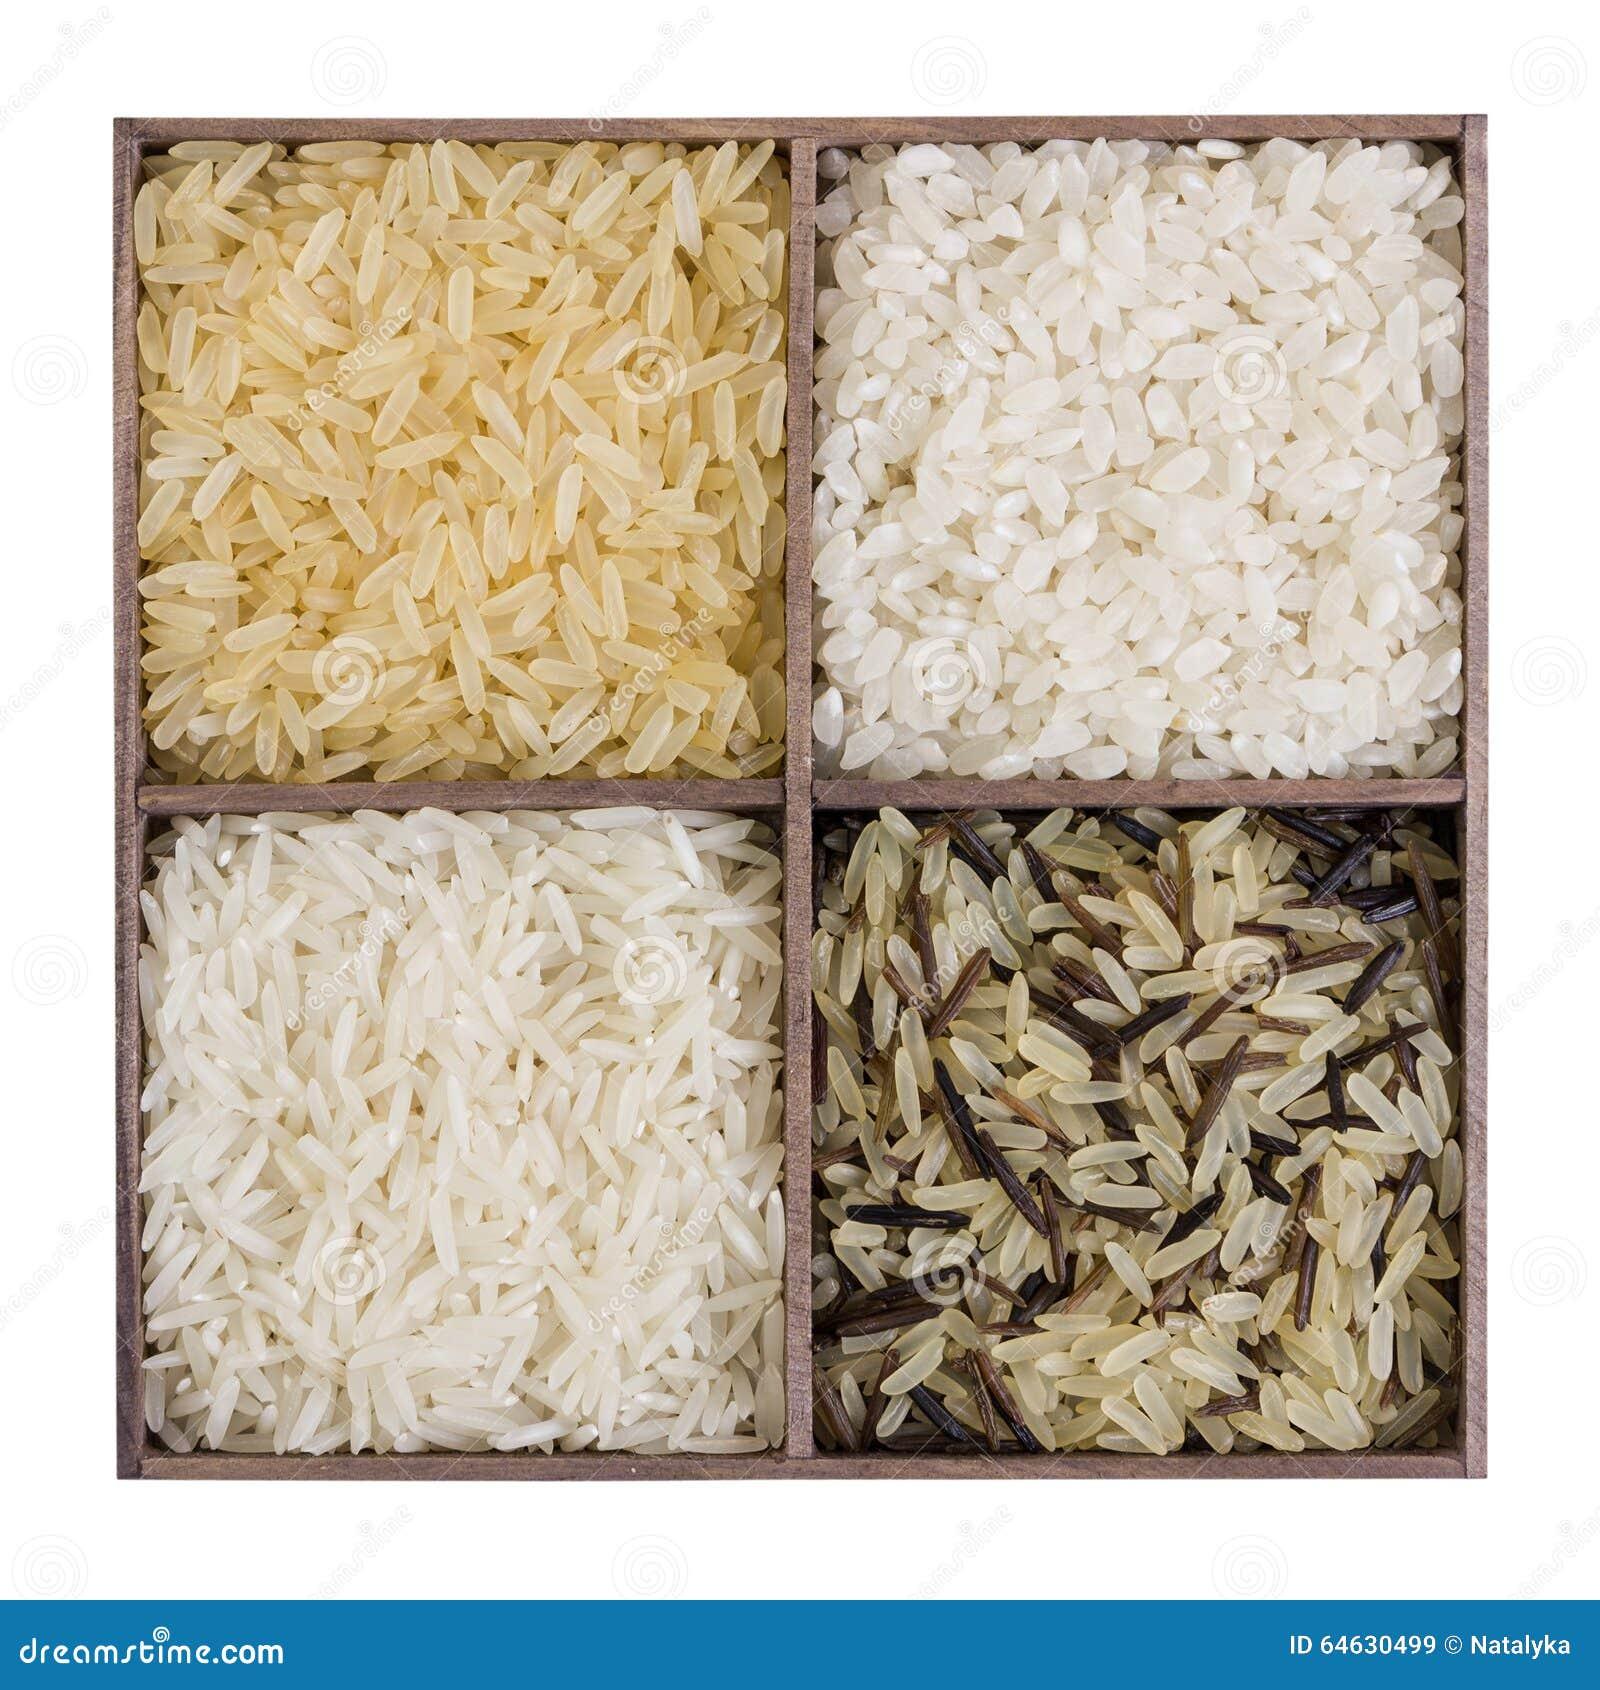 olika sorters ris